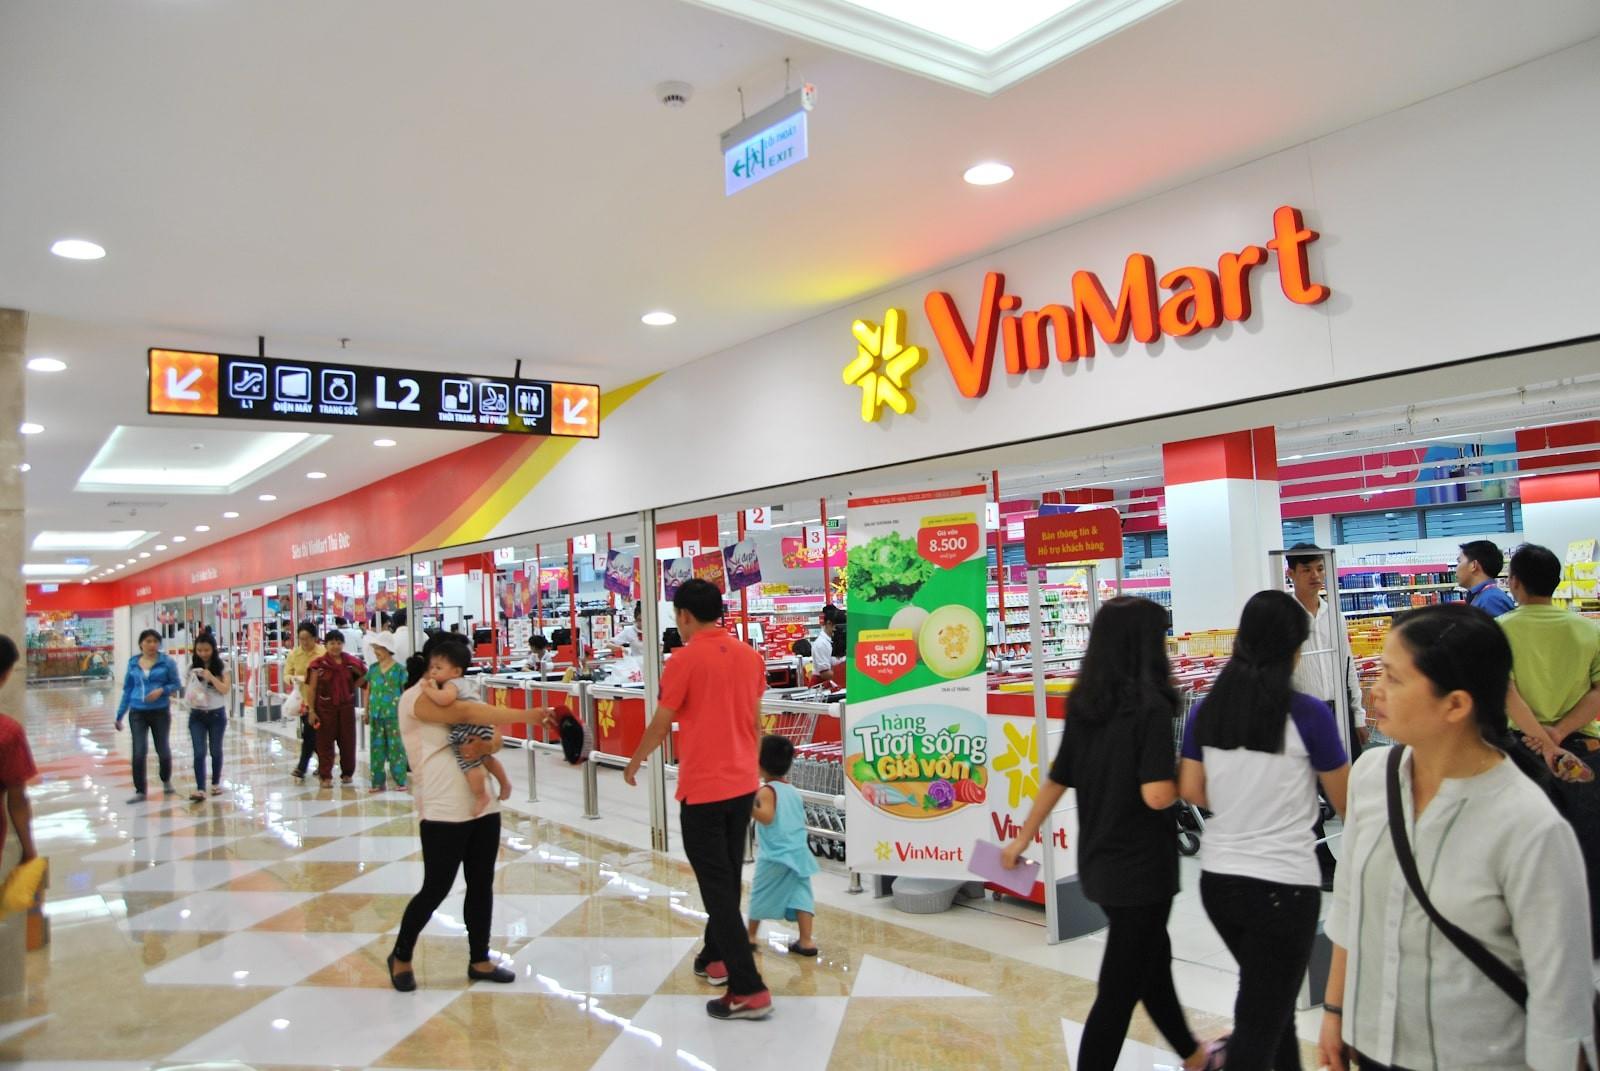 Doanh thu từ bán lẻ chiếm 1/3 tổng doanh thu Tập đoàn Vingroup - Ảnh 1.